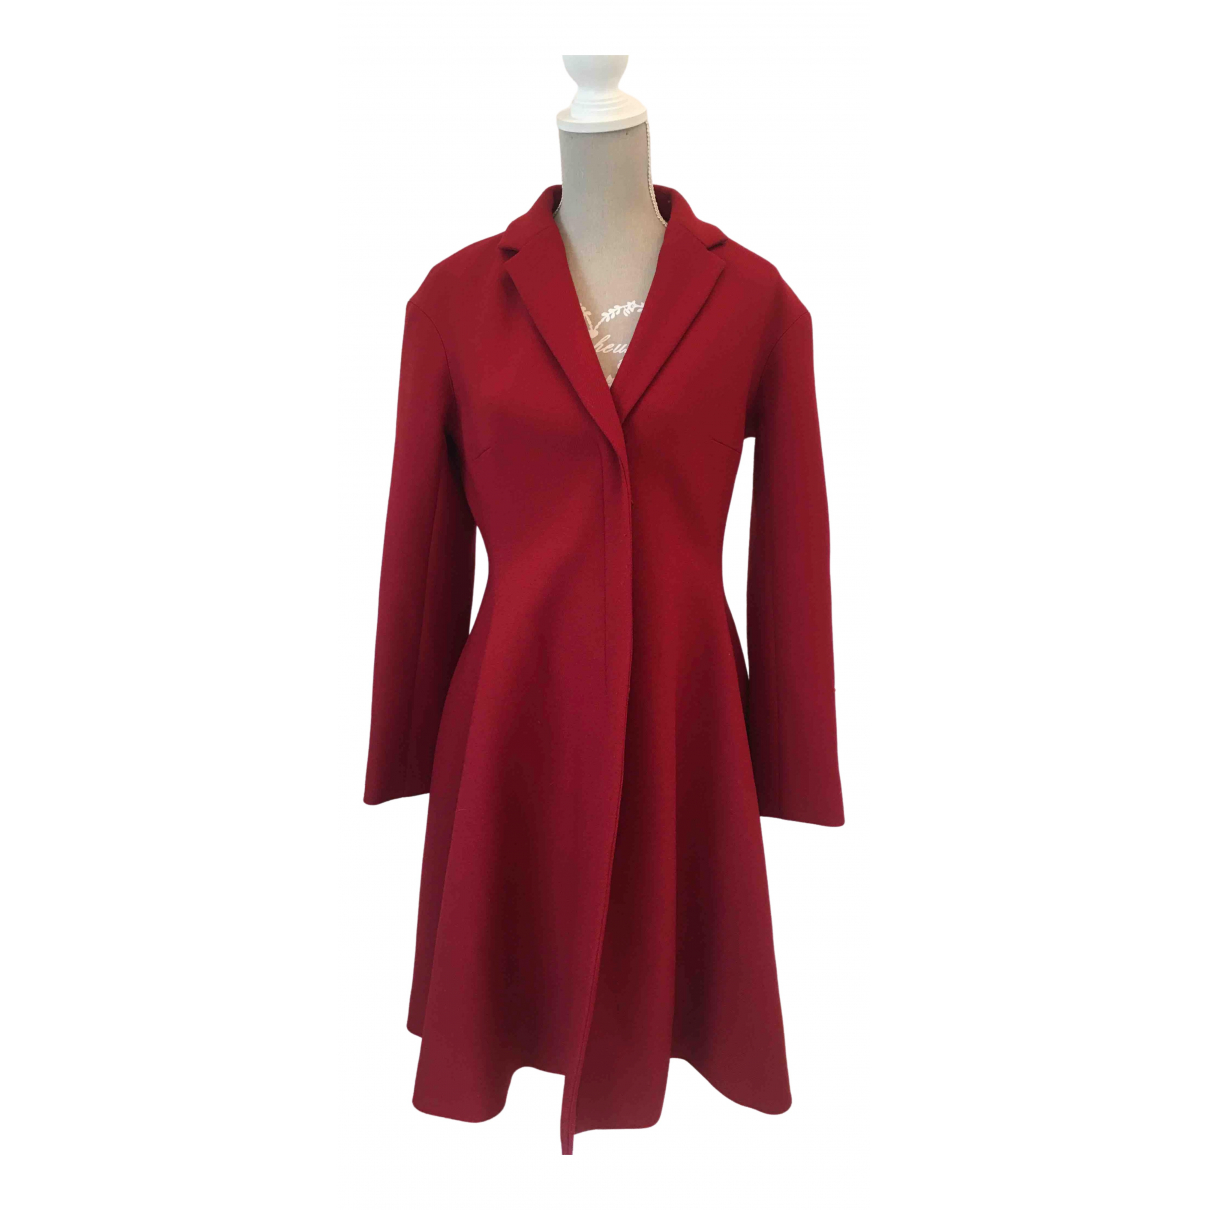 Paule Ka \N Red coat for Women 42 FR